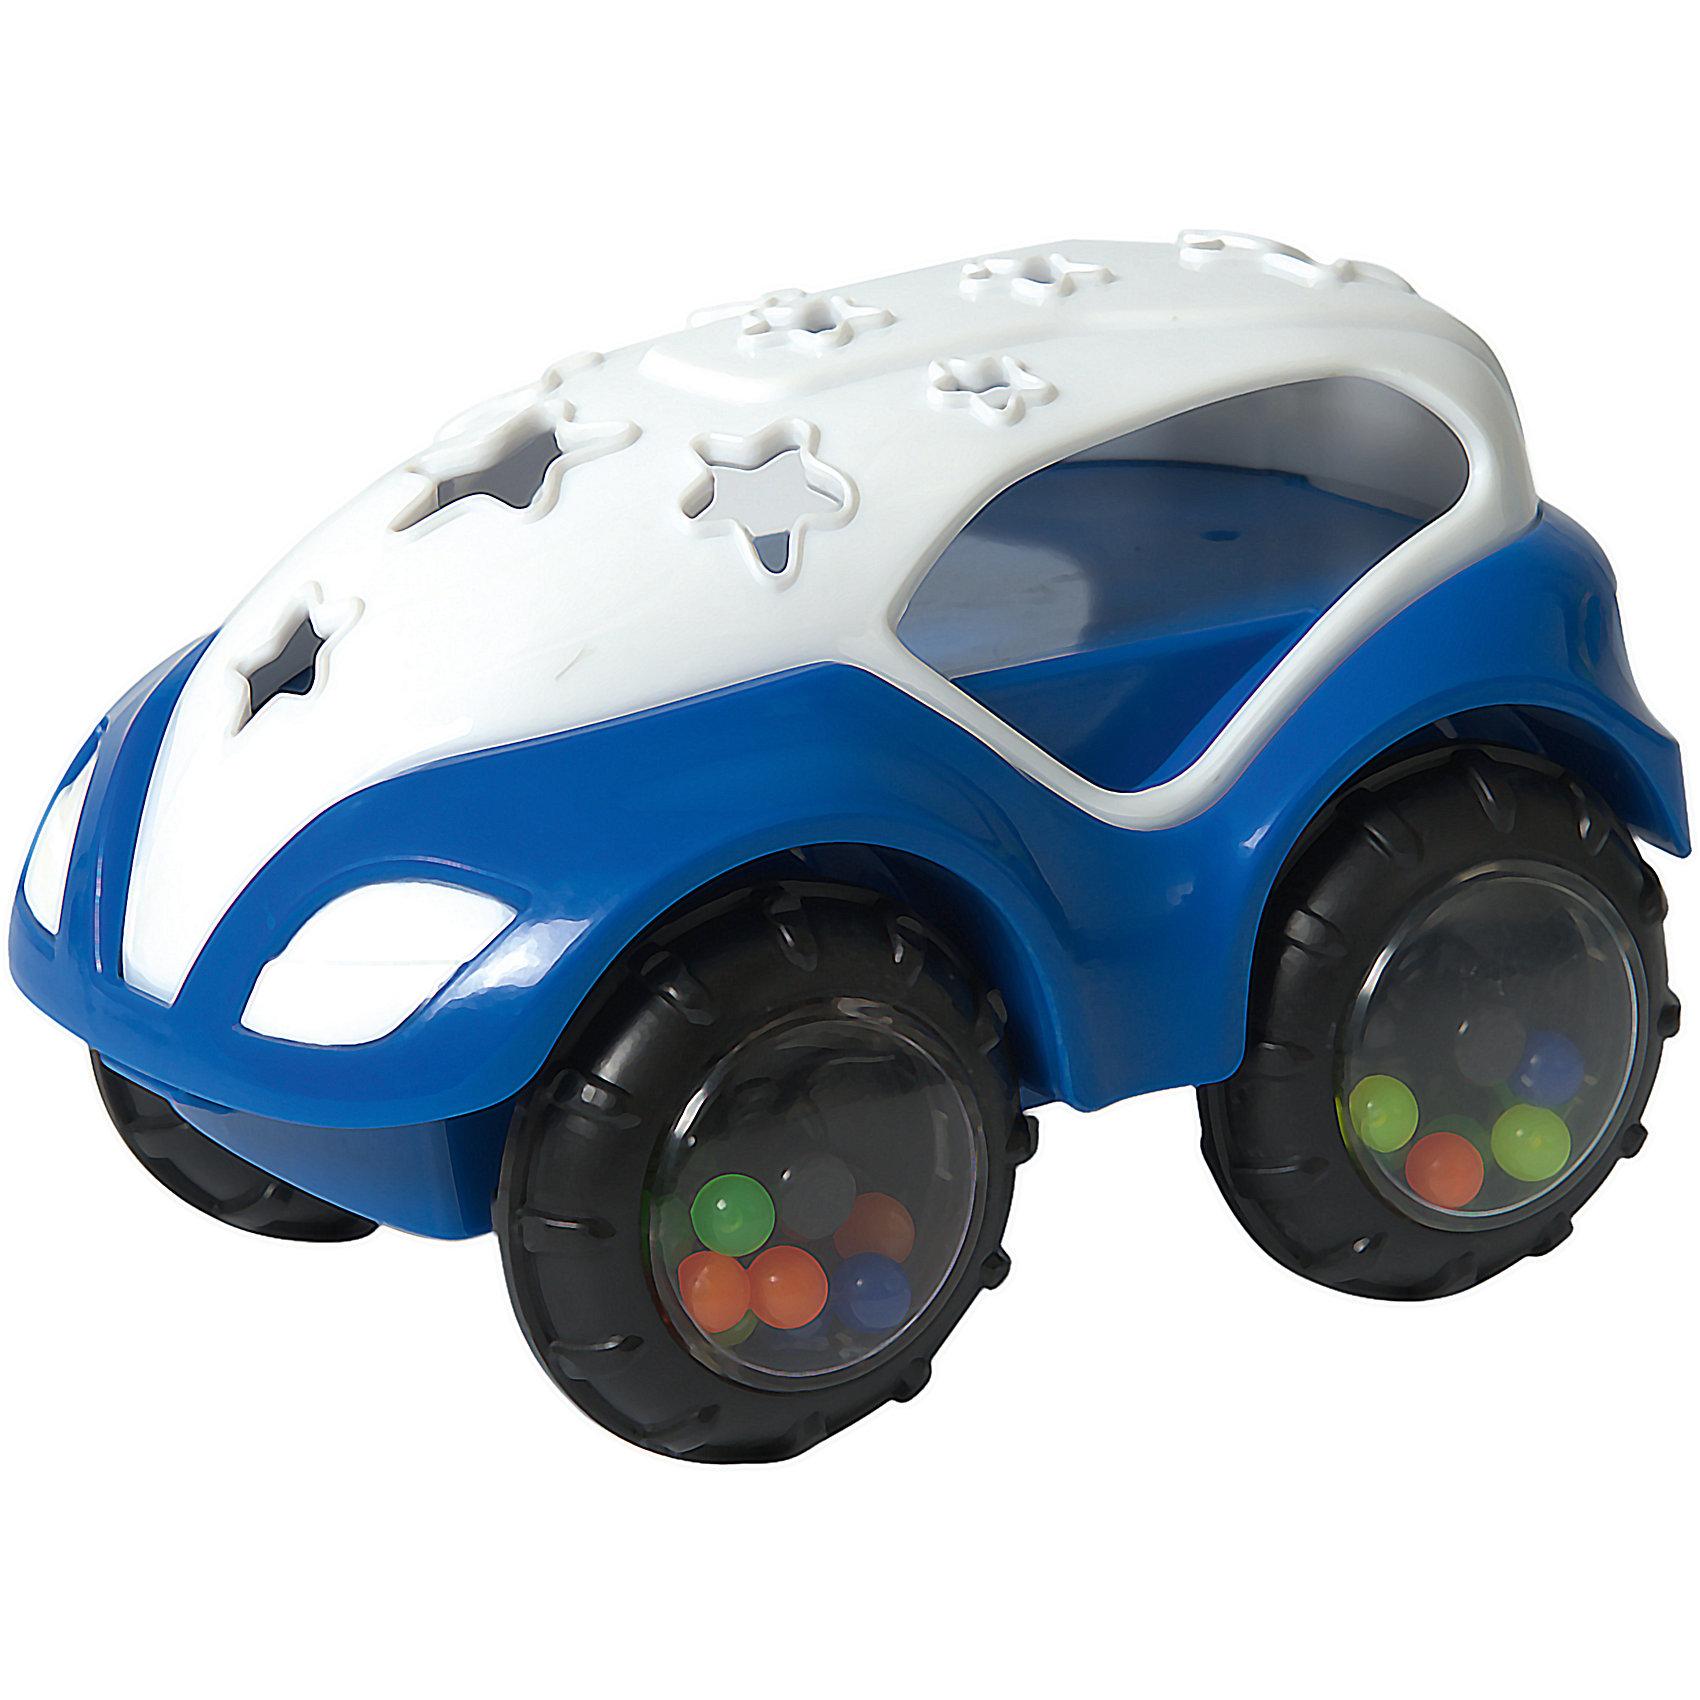 RU Машинка-неразбивайка  Baby Trend бело-синяяМашинки и транспорт для малышей<br>Характеристики:<br><br>• возраст: от 3 месяцев<br>• машинка-погремушка<br>• материал: мягкий гибкий пластик<br>• размер игрушки: 7,5х12,5х8 см.<br>• размер упаковки: 18х11,5х8 см.<br>• вес: 153 гр.<br><br>Яркая машинка-неразбивайка от Baby Trend (Беби Тренд) – это первая машина малыша. Она изготовлена из мягкого гибкого высококачественного пластика. Машинка не имеет острых и опасных выступов. Благодаря уникальной форме ее удобно держать маленькими пальчиками.<br><br>В колесах машинки под прозрачными дисками находятся цветные шарики, которые задорно гремят при движении машинки или при встряхивании игрушки. Мягкие рельефные детали крыши можно кусать, они успокоят нежные десна малыша.<br><br>Машинку-неразбивайку, бело-синюю, Baby Trend (Беби Тренд) можно купить в нашем интернет-магазине.<br><br>Ширина мм: 129<br>Глубина мм: 78<br>Высота мм: 87<br>Вес г: 153<br>Возраст от месяцев: 3<br>Возраст до месяцев: 2147483647<br>Пол: Унисекс<br>Возраст: Детский<br>SKU: 6872165